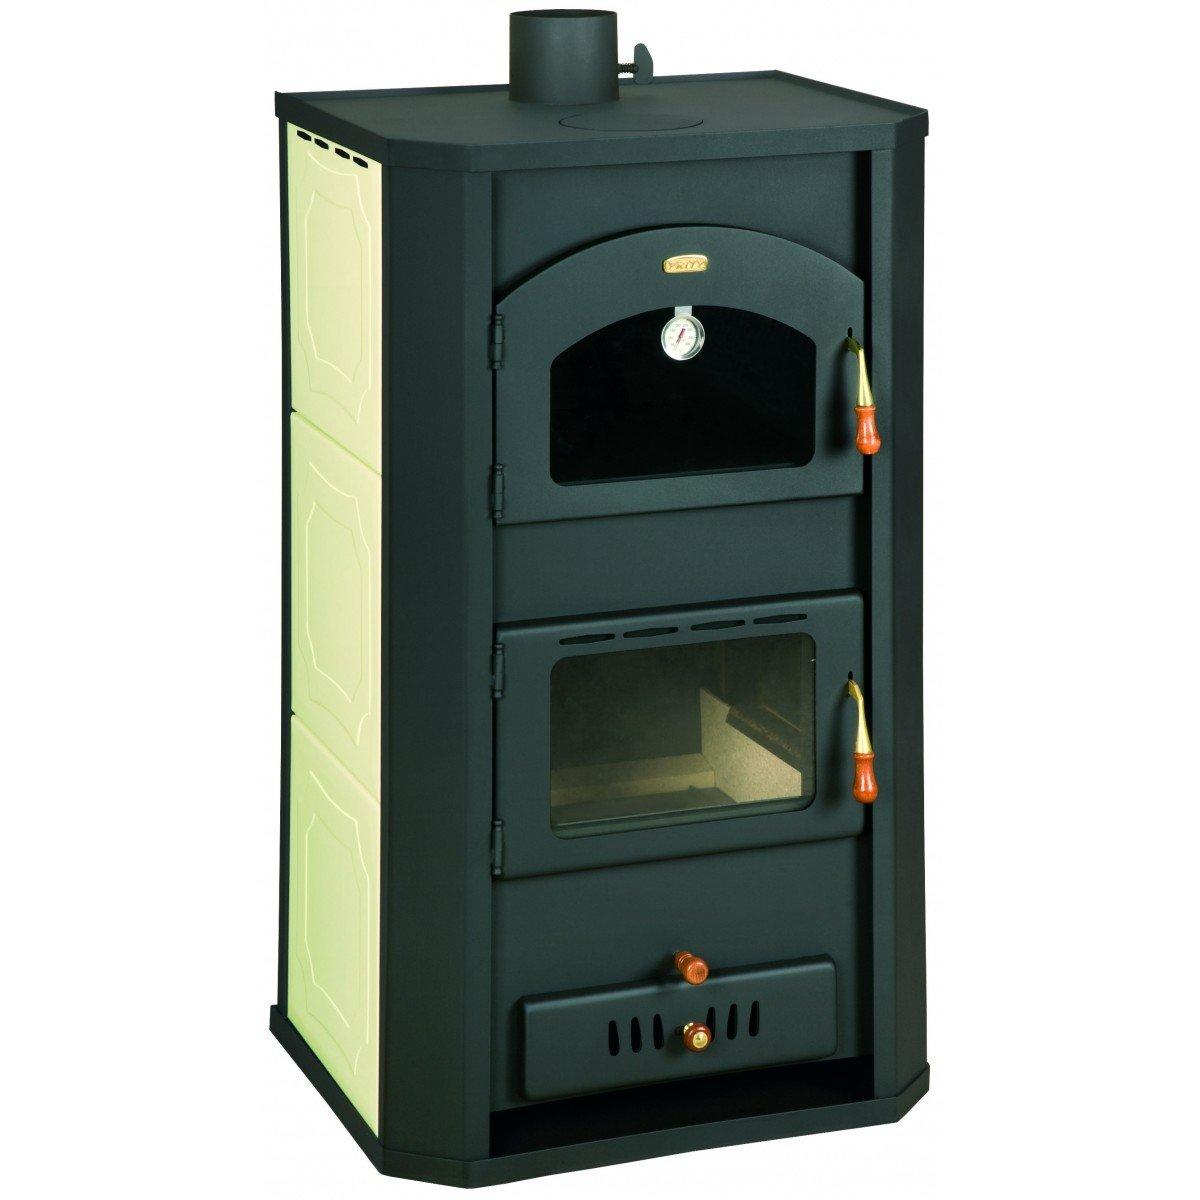 Caldera de leña estufas con horno Prity, Modelo FG W20, salida de calor 26 kW: Amazon.es: Bricolaje y herramientas